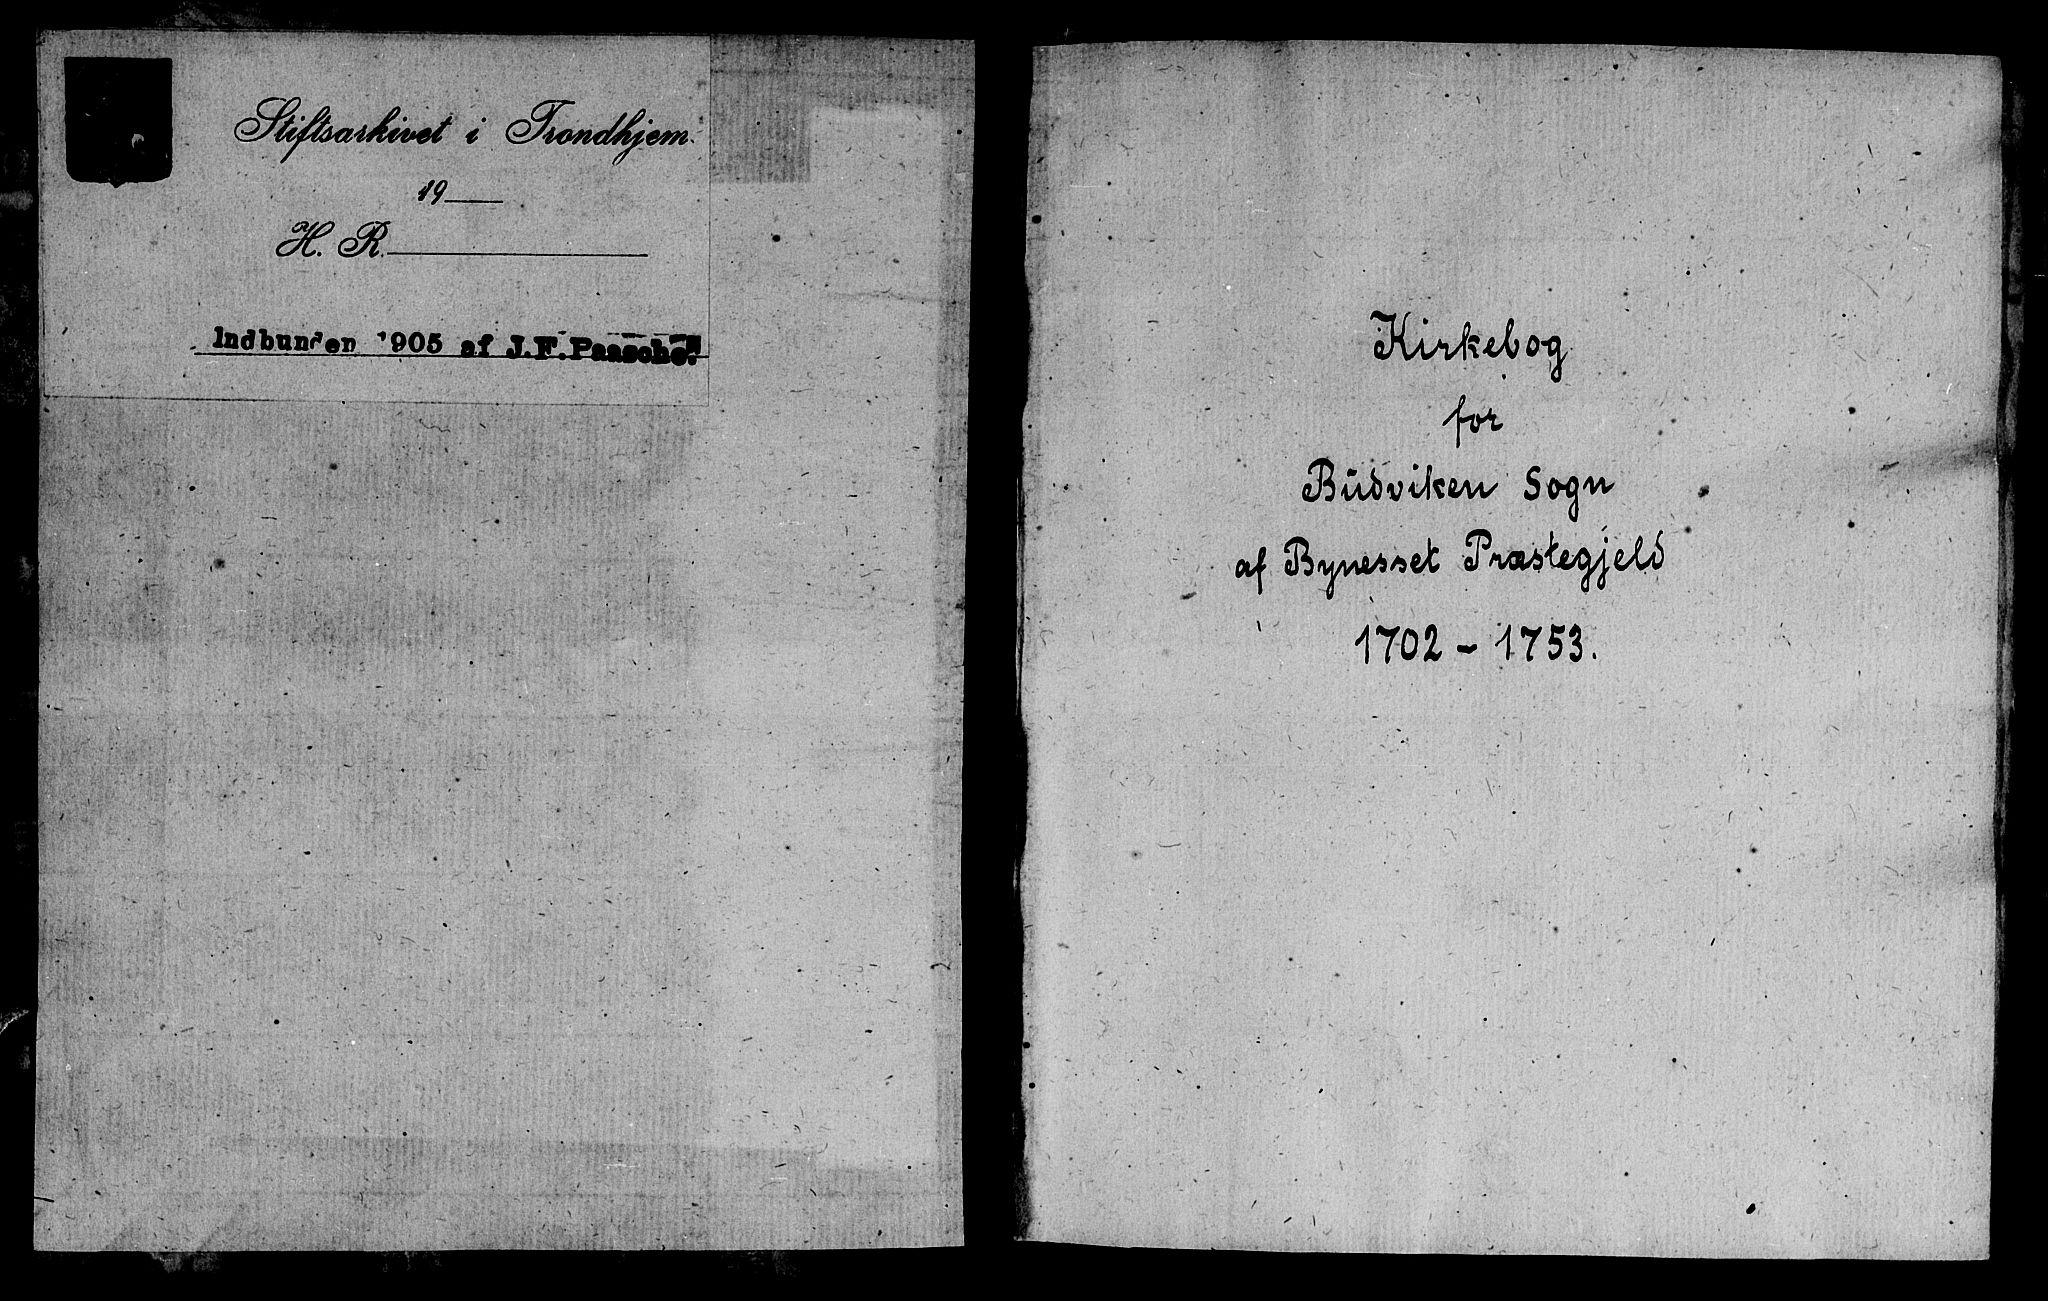 SAT, Ministerialprotokoller, klokkerbøker og fødselsregistre - Sør-Trøndelag, 666/L0783: Ministerialbok nr. 666A01, 1702-1753